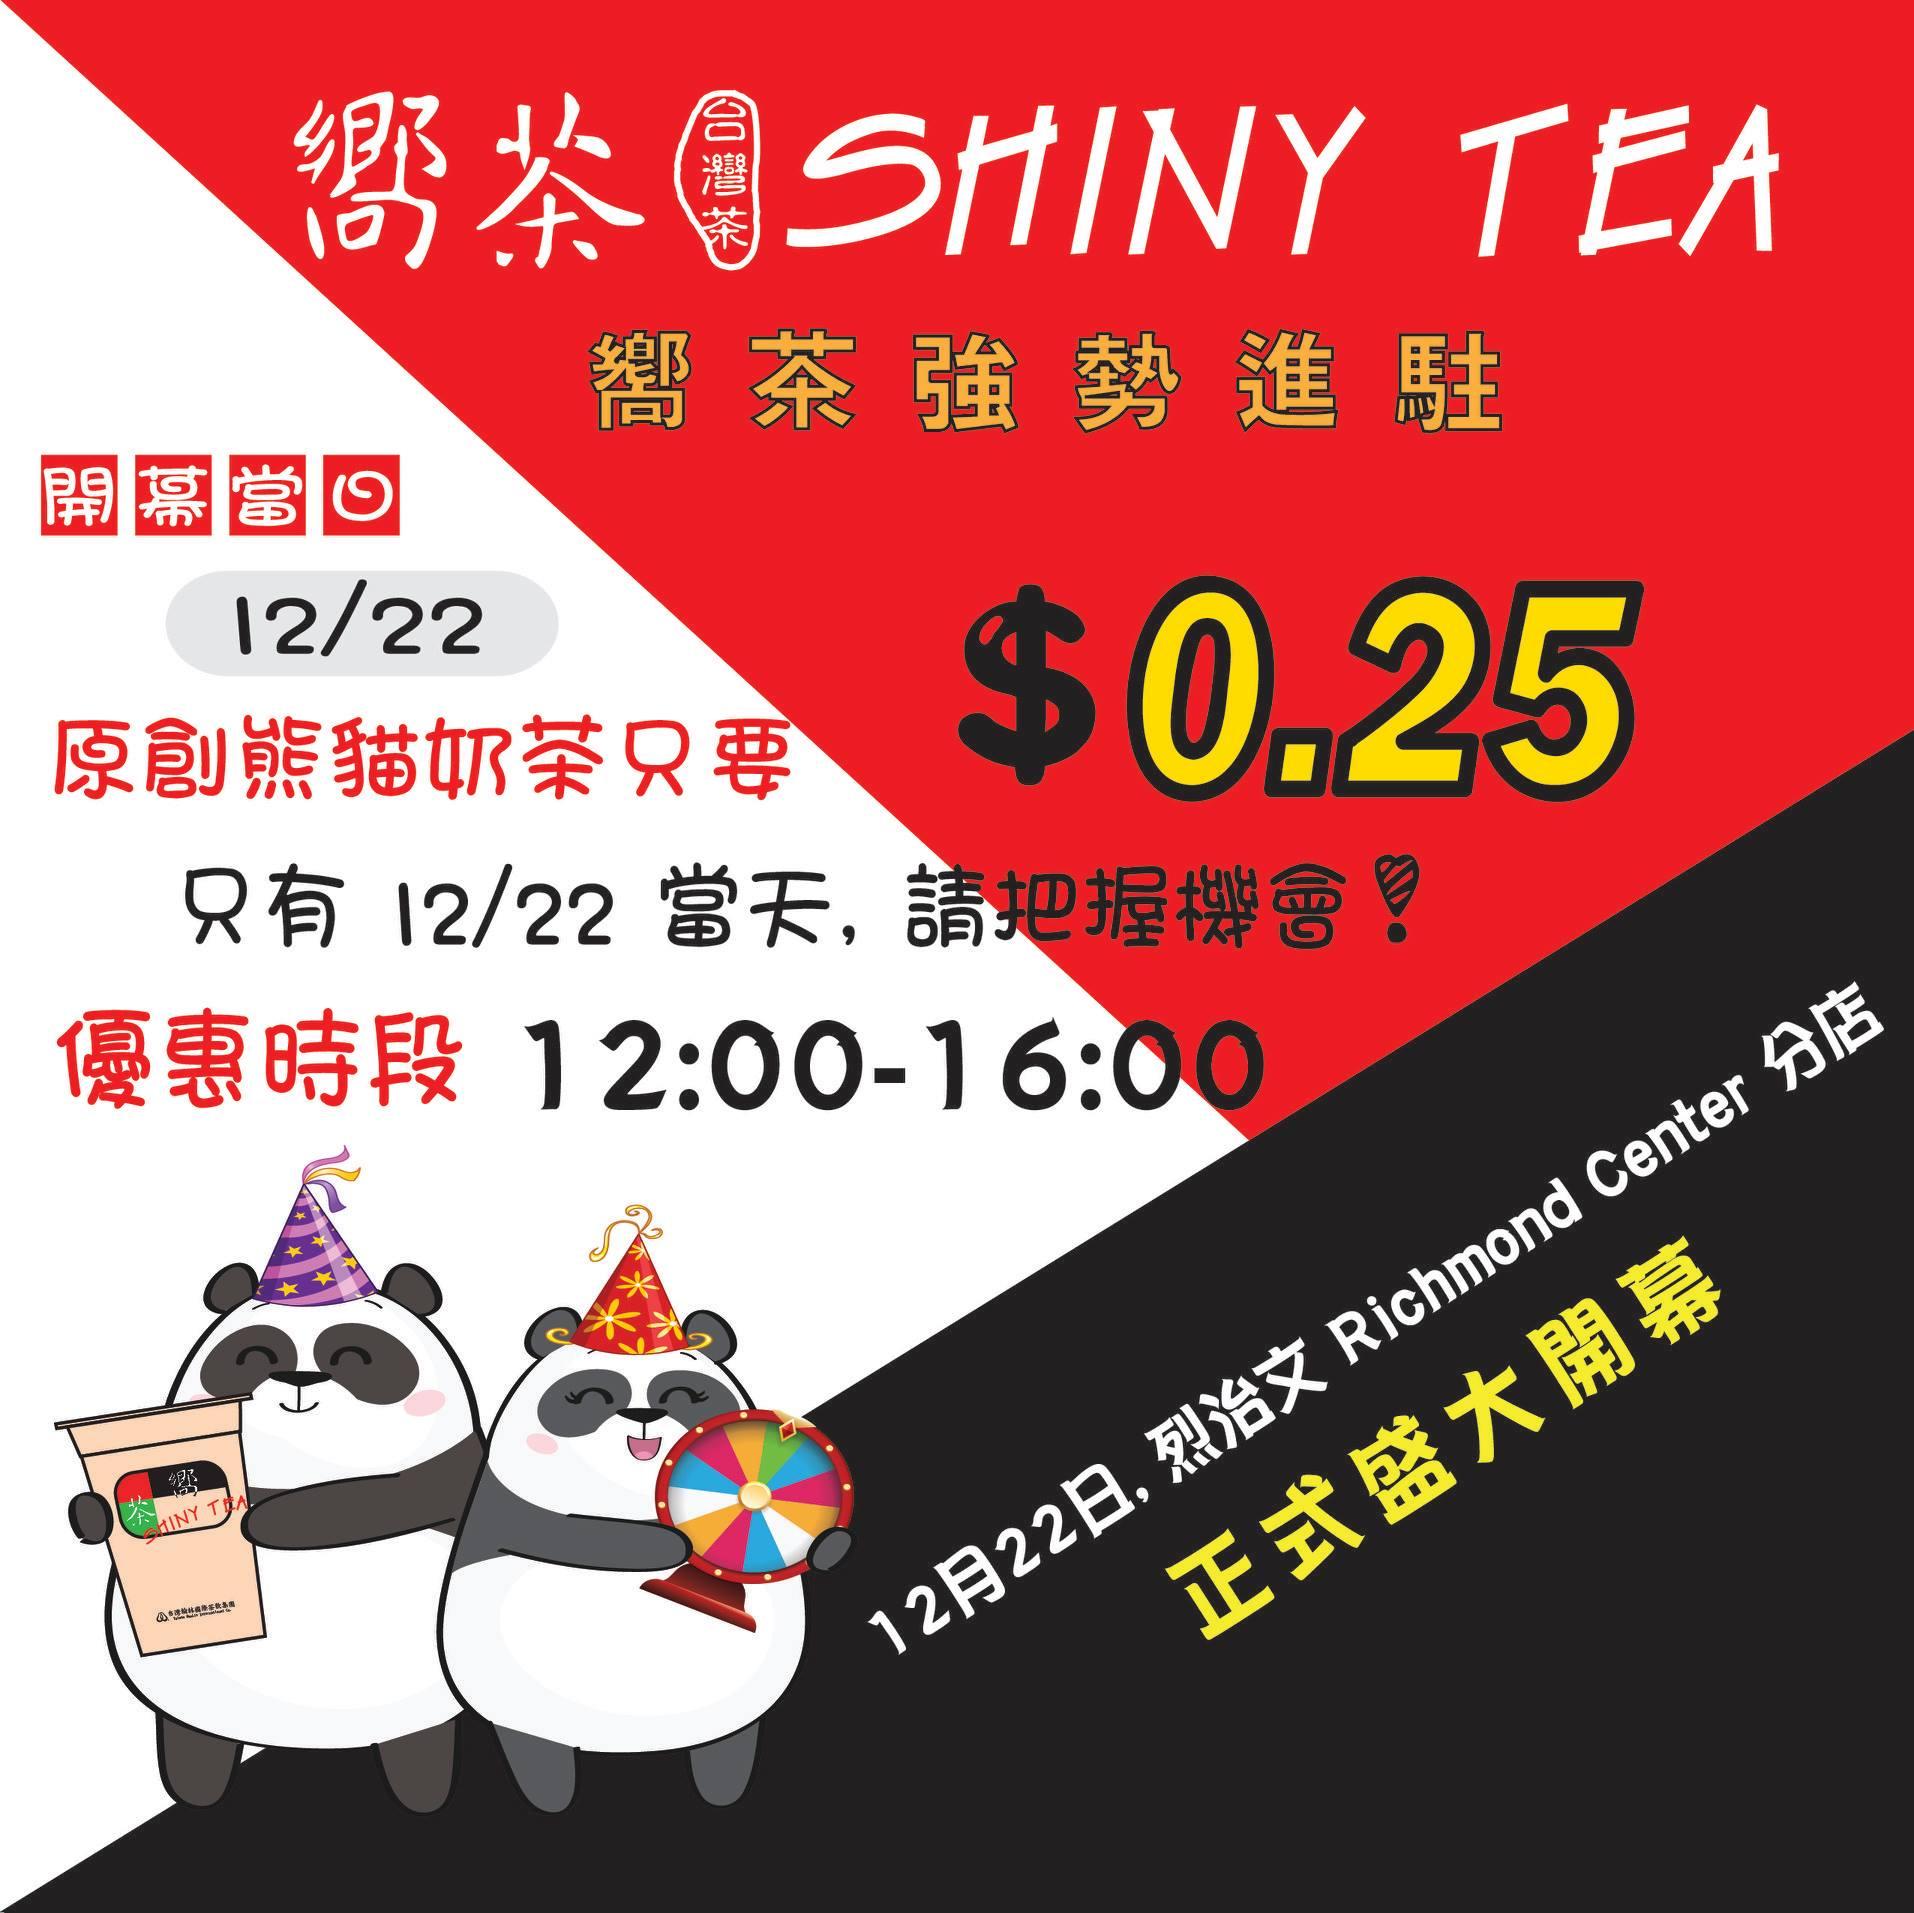 [逾期]嚮茶:珍珠奶茶只賣25¢